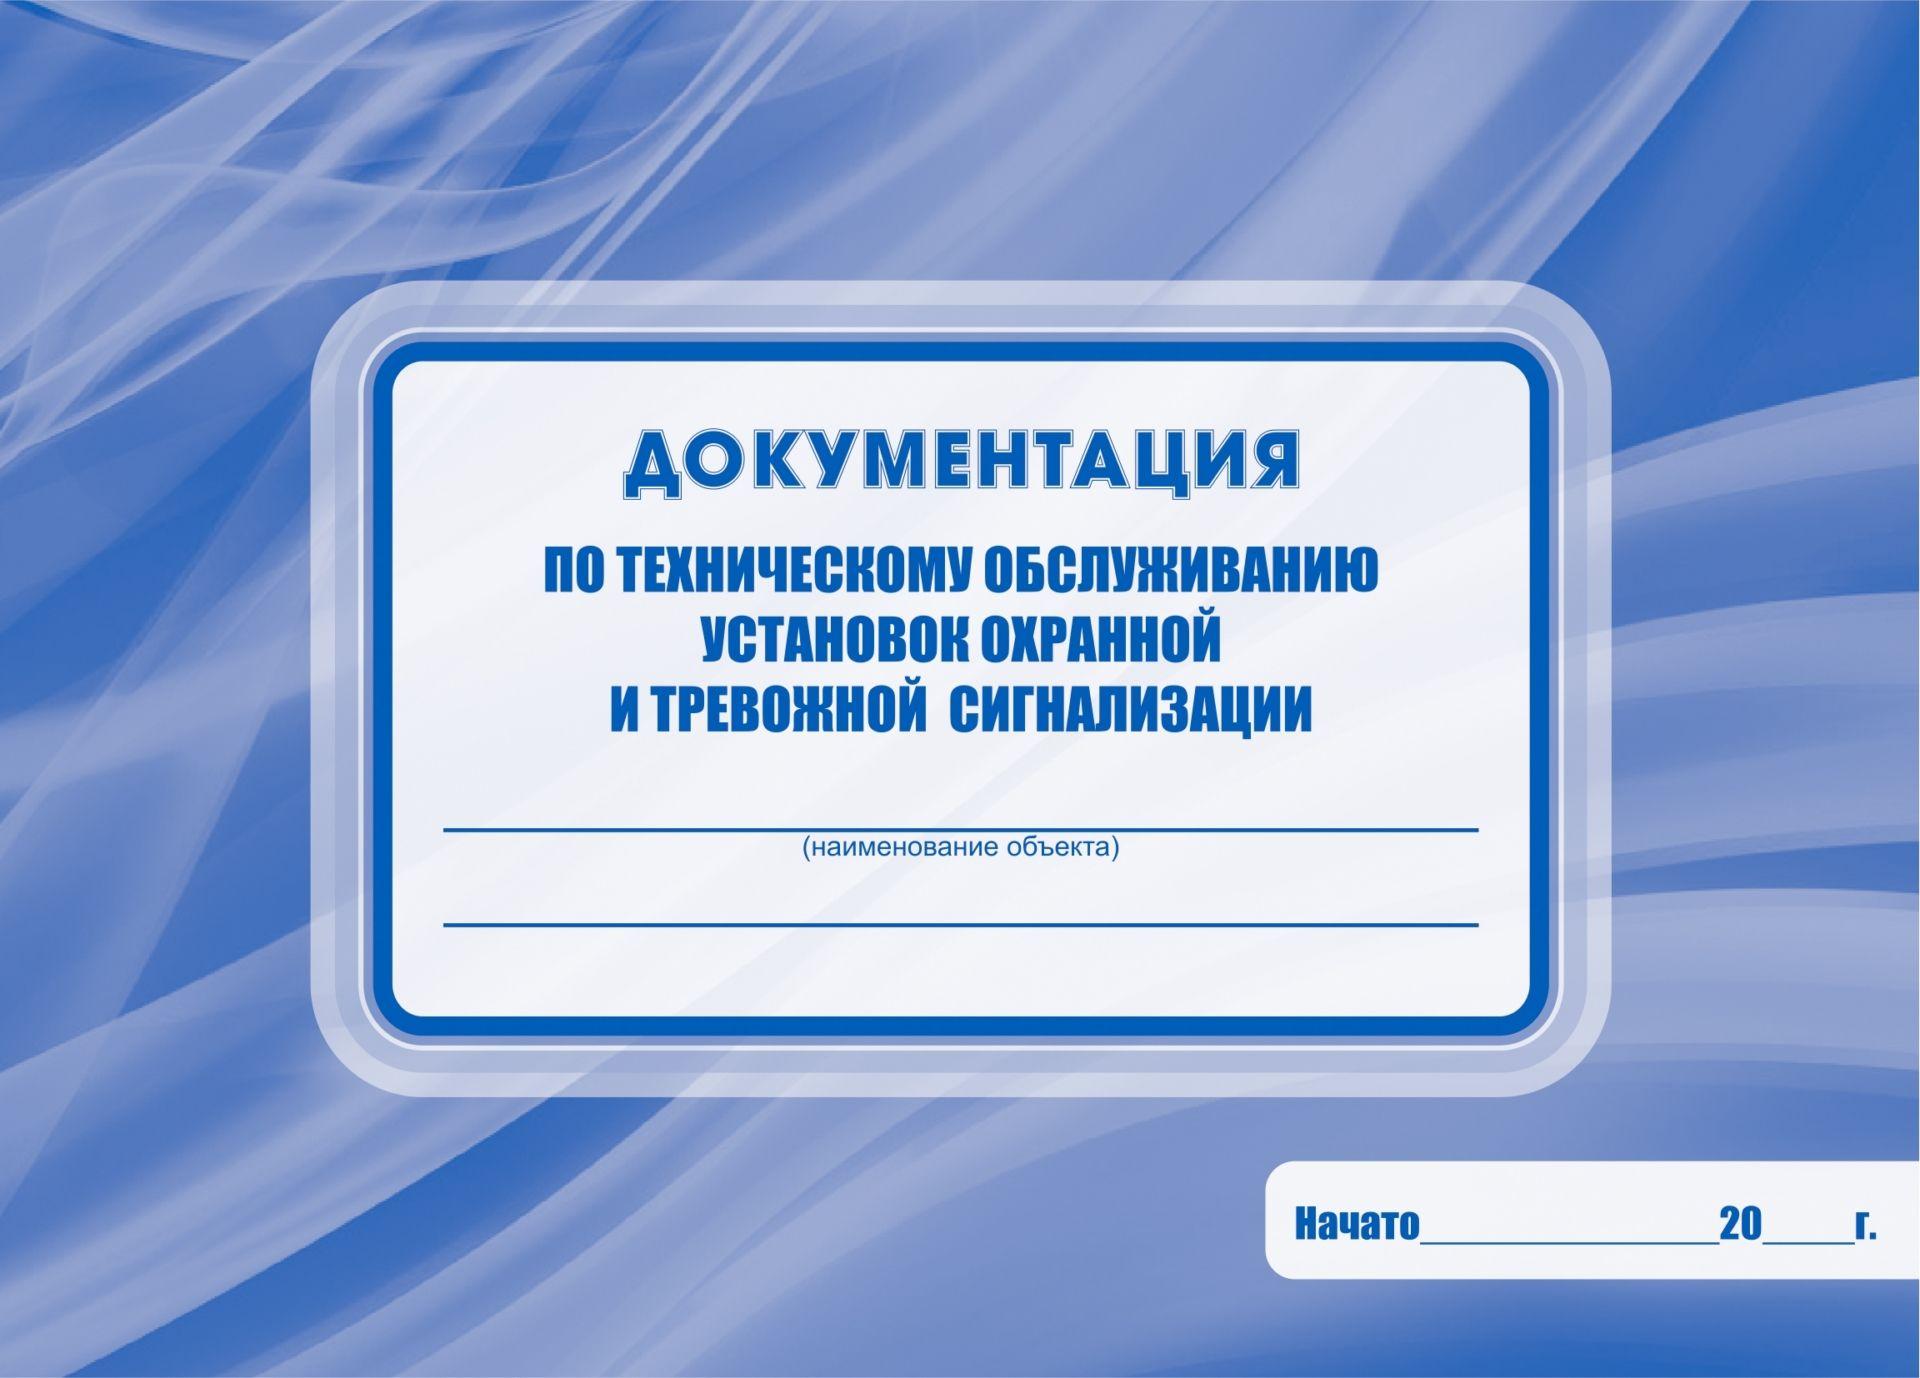 Документация по техническому обслуживанию установок охранной и тревожной сигнализацииЖурналы для охранных организаций<br>Материалы:на блок - бумага офсетная, пл. 65.00;на обложку - бумага мелованная, пл. 148.00.<br><br>Год: 2017<br>Высота: 140<br>Ширина: 195<br>Толщина: 2<br>Переплёт: мягкая, скрепка